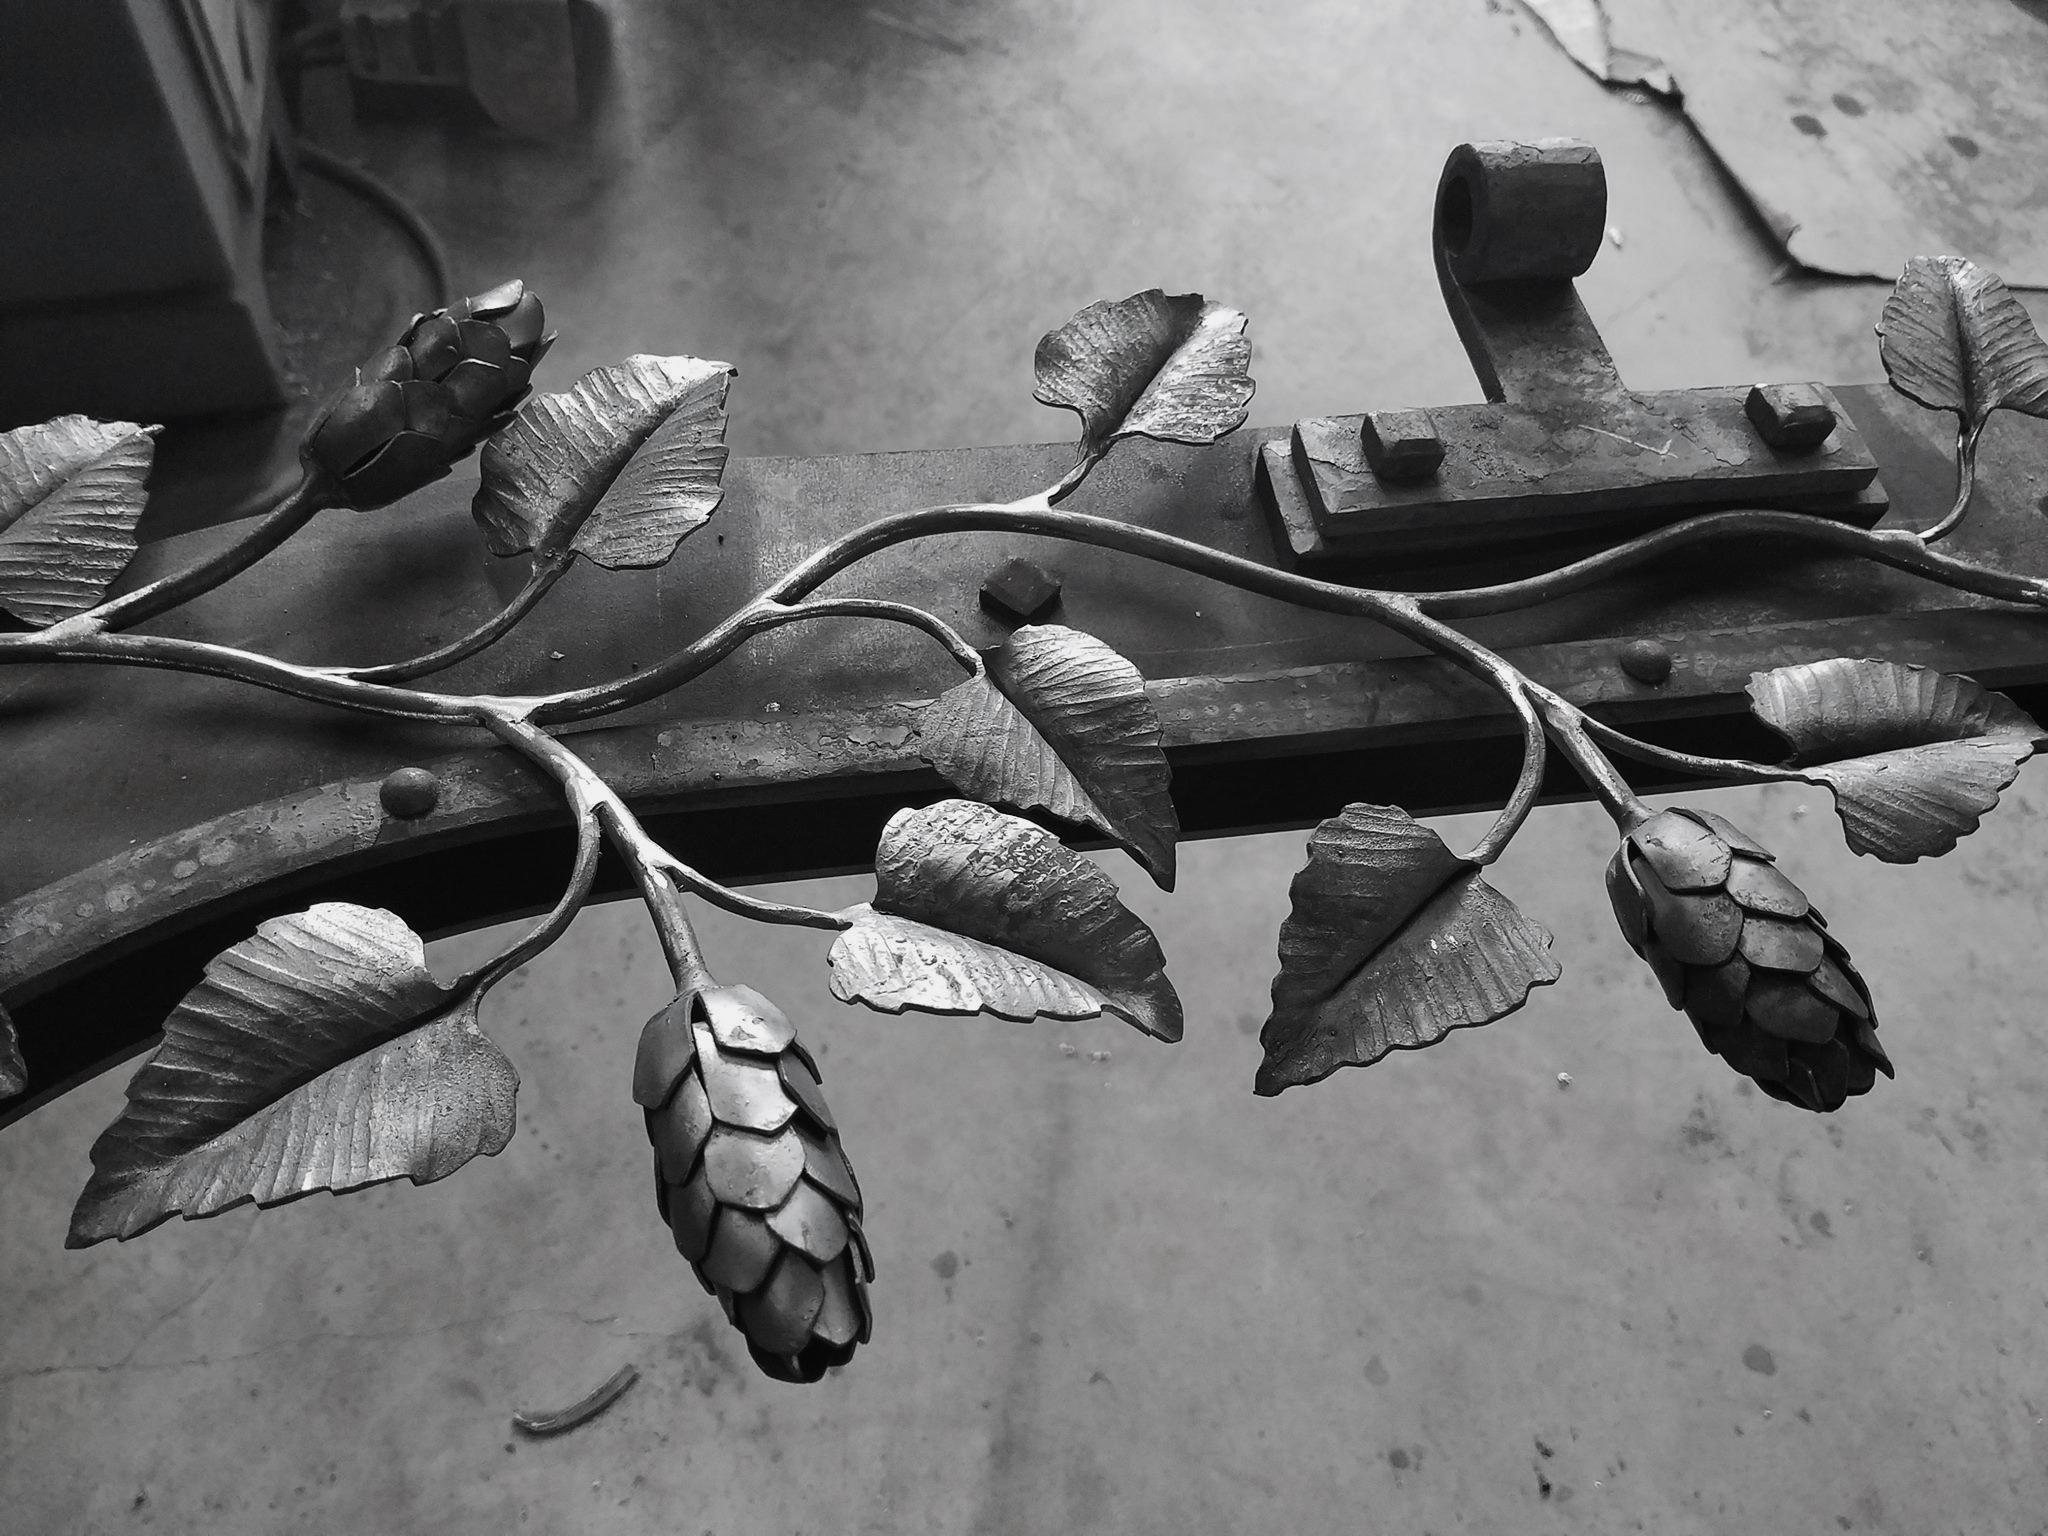 Forging hops